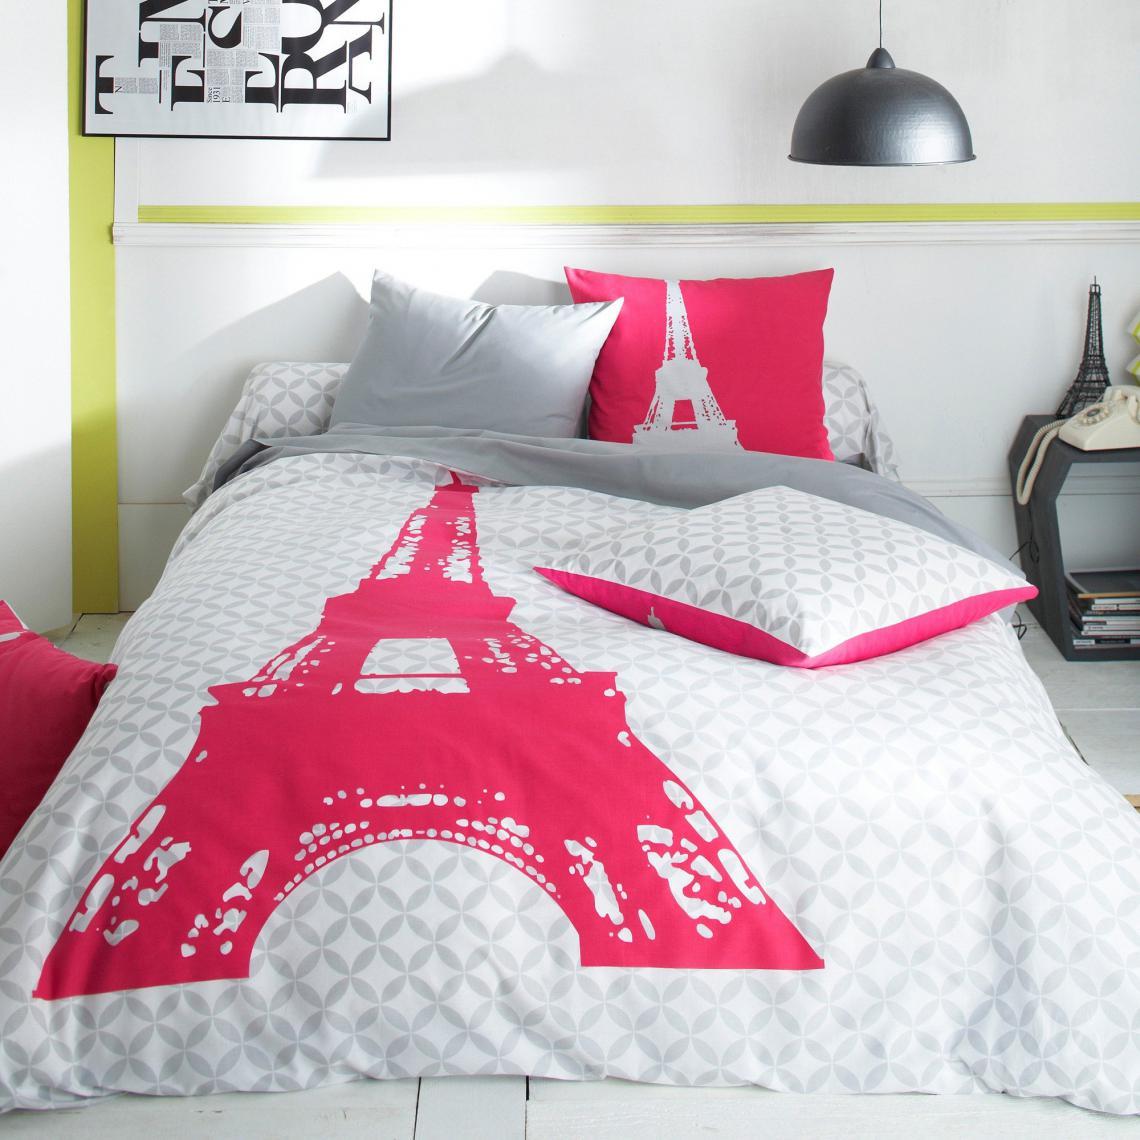 3 Suisses Taie Oreiller Tour Eiffel